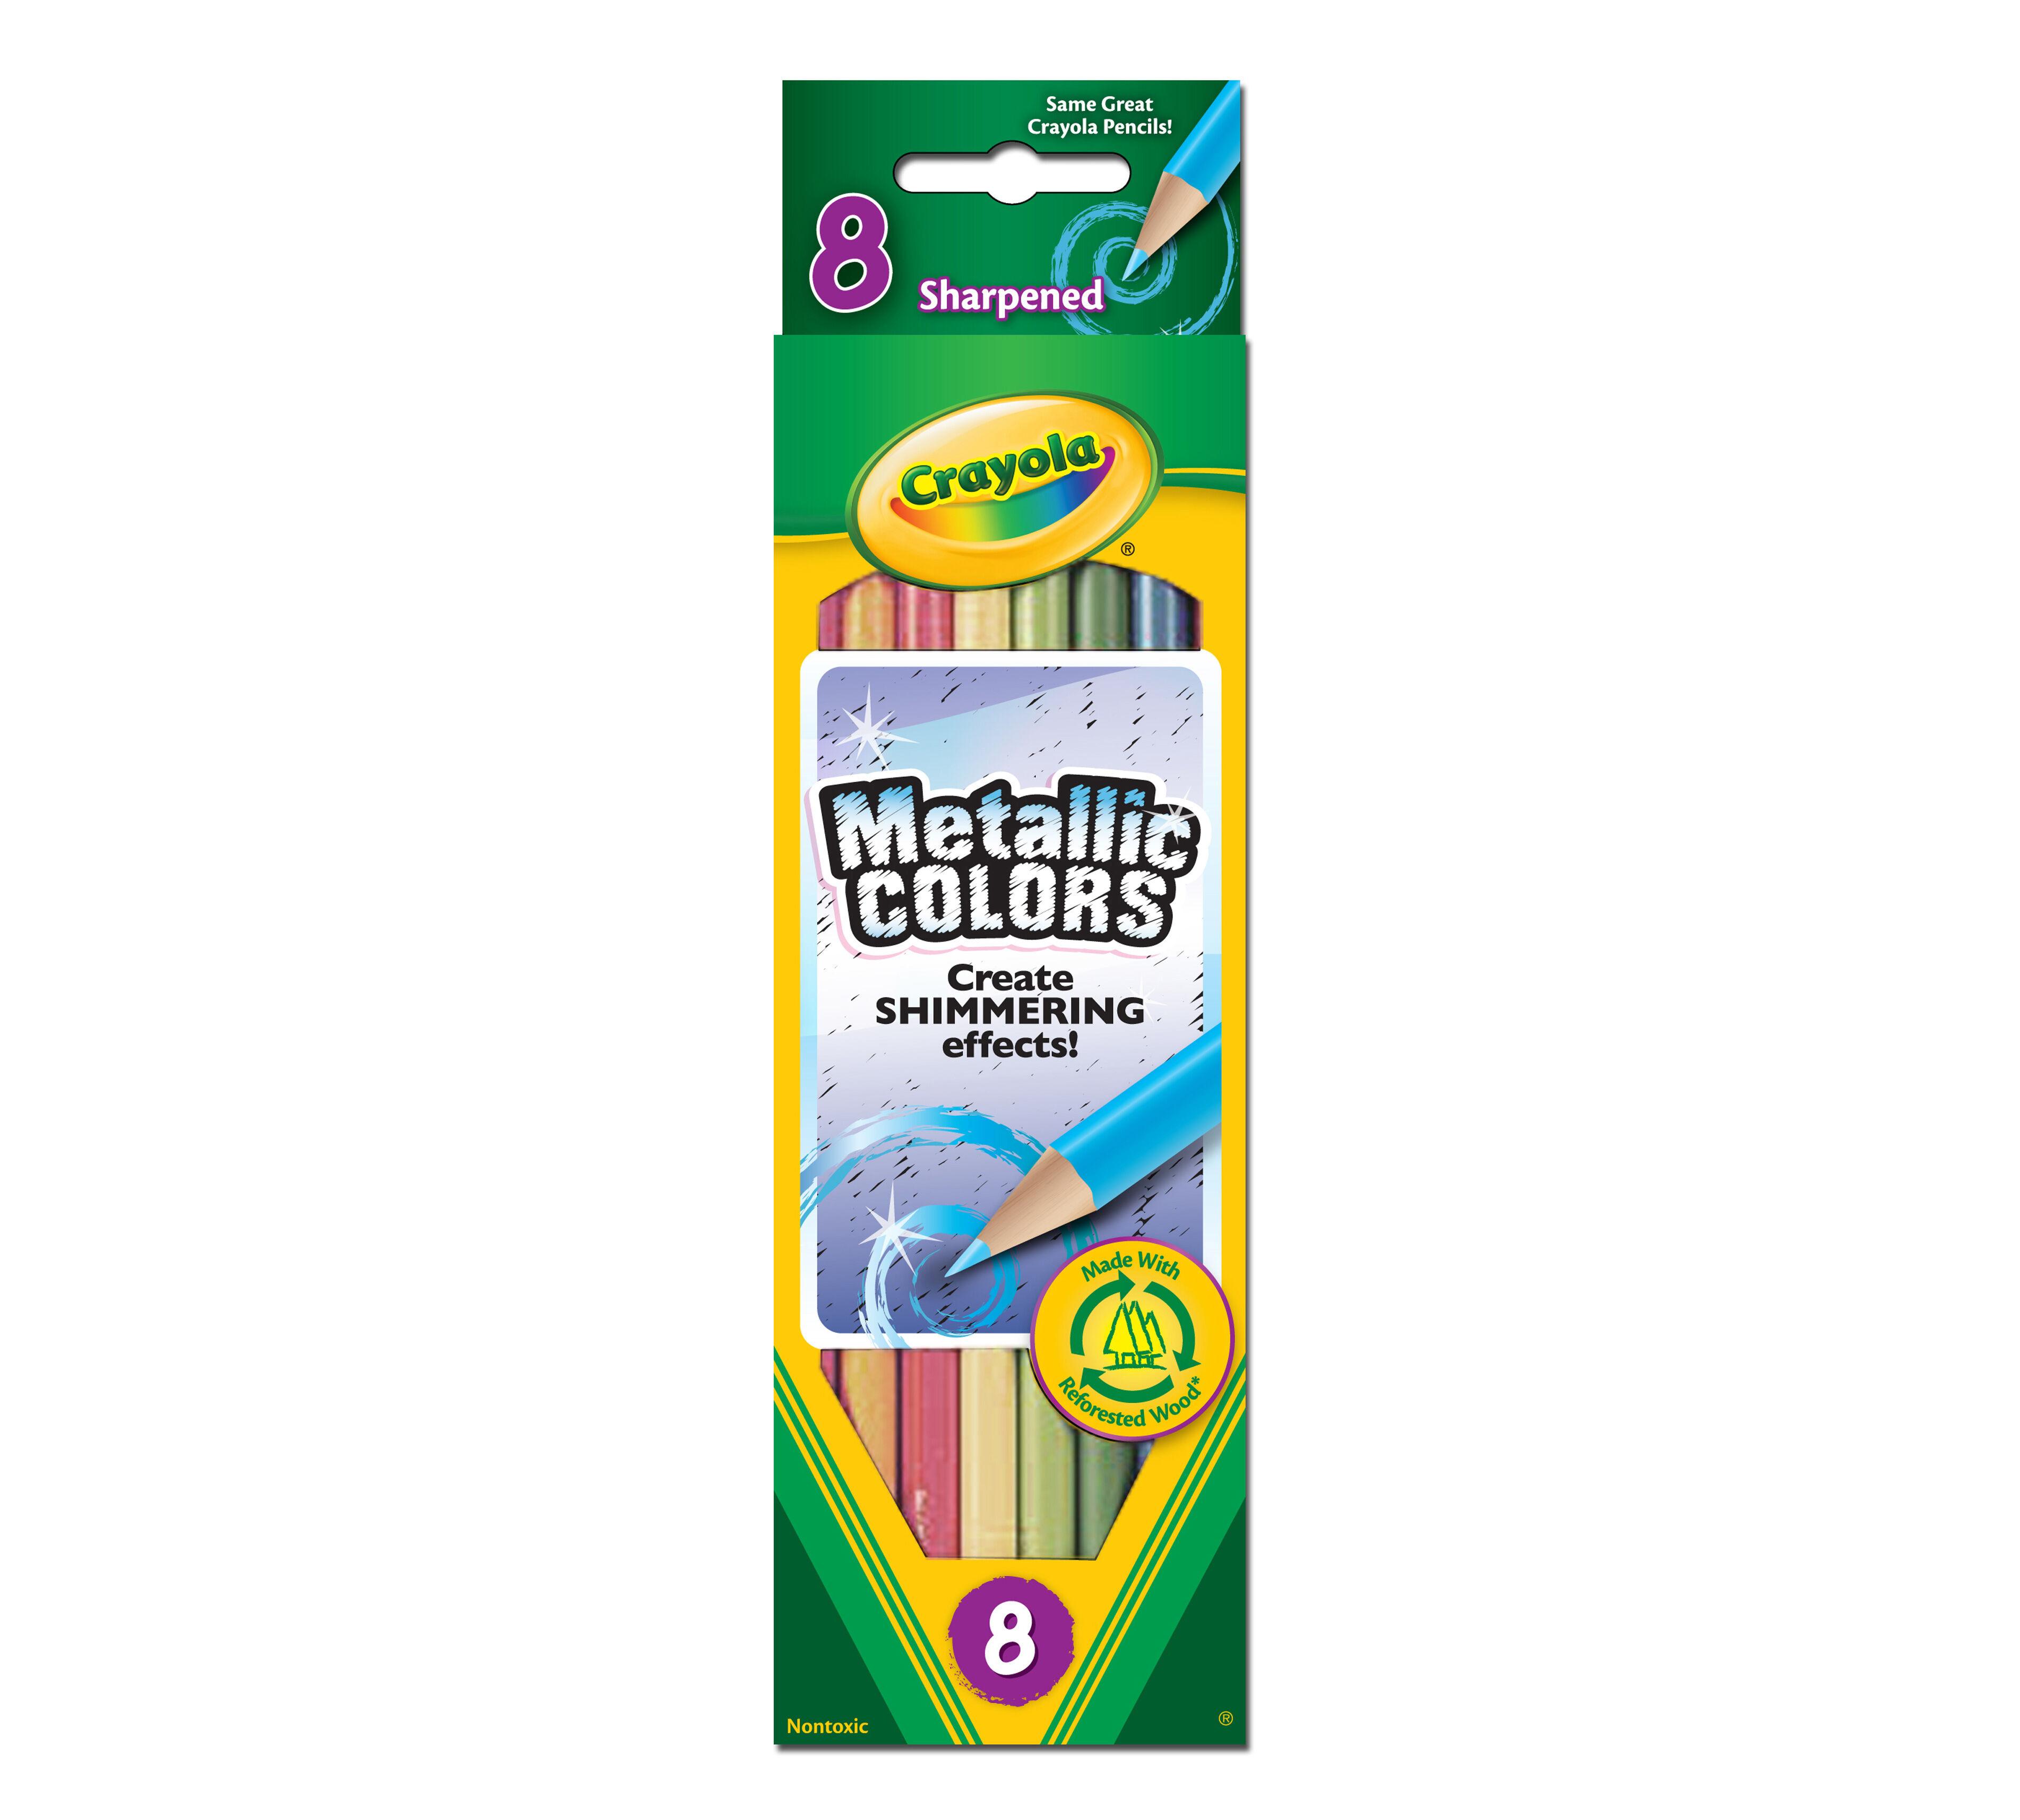 Crayola Colored Pencils Shop Colored Pencils Crayola